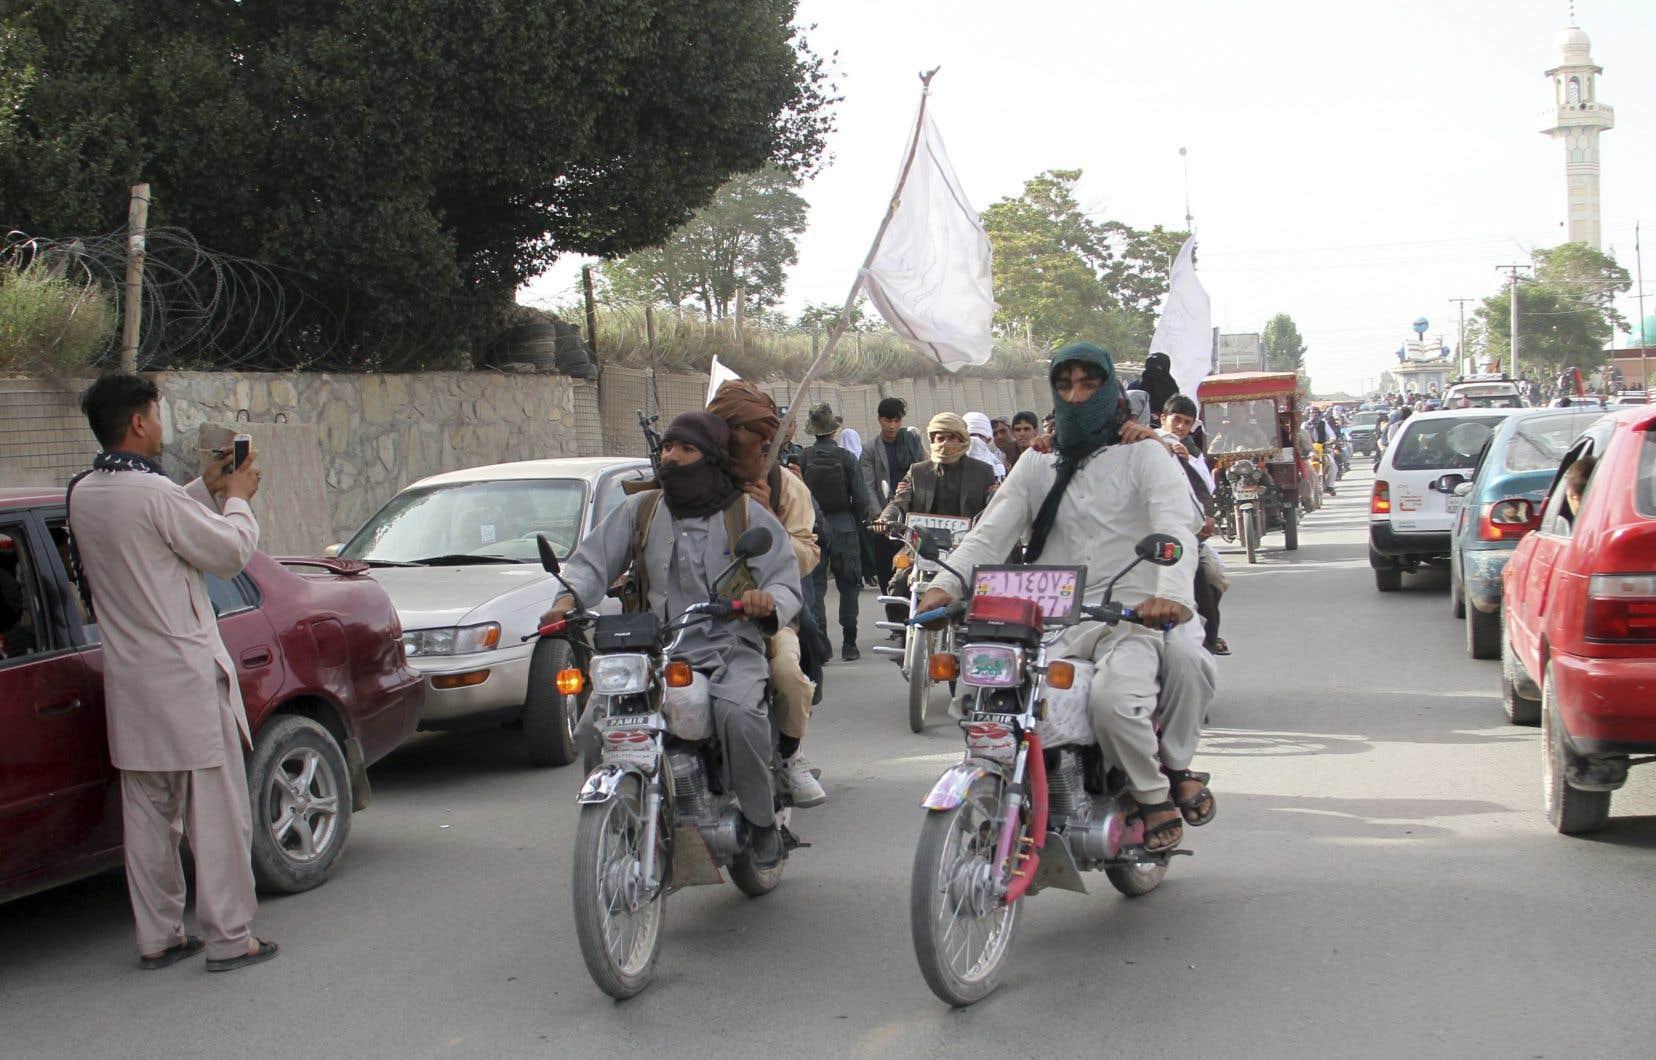 Un kamikaze s'est fait exploser parmi une foule célébrant un cessez-le-feu inédit entre talibans et forces de sécurité à l'occasion de la fin du ramadan.